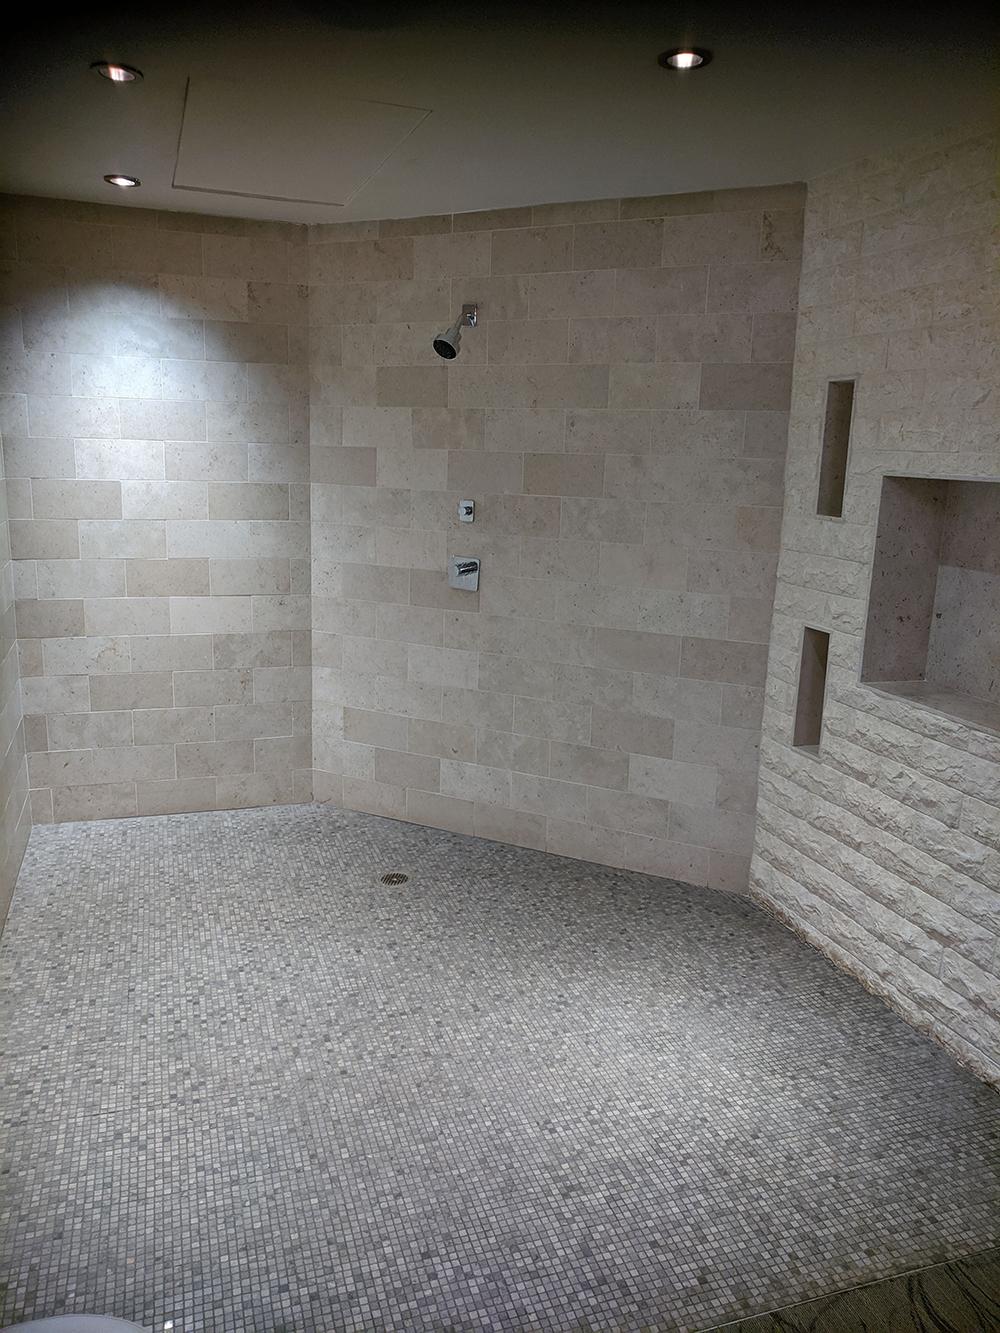 Shower resized.jpg